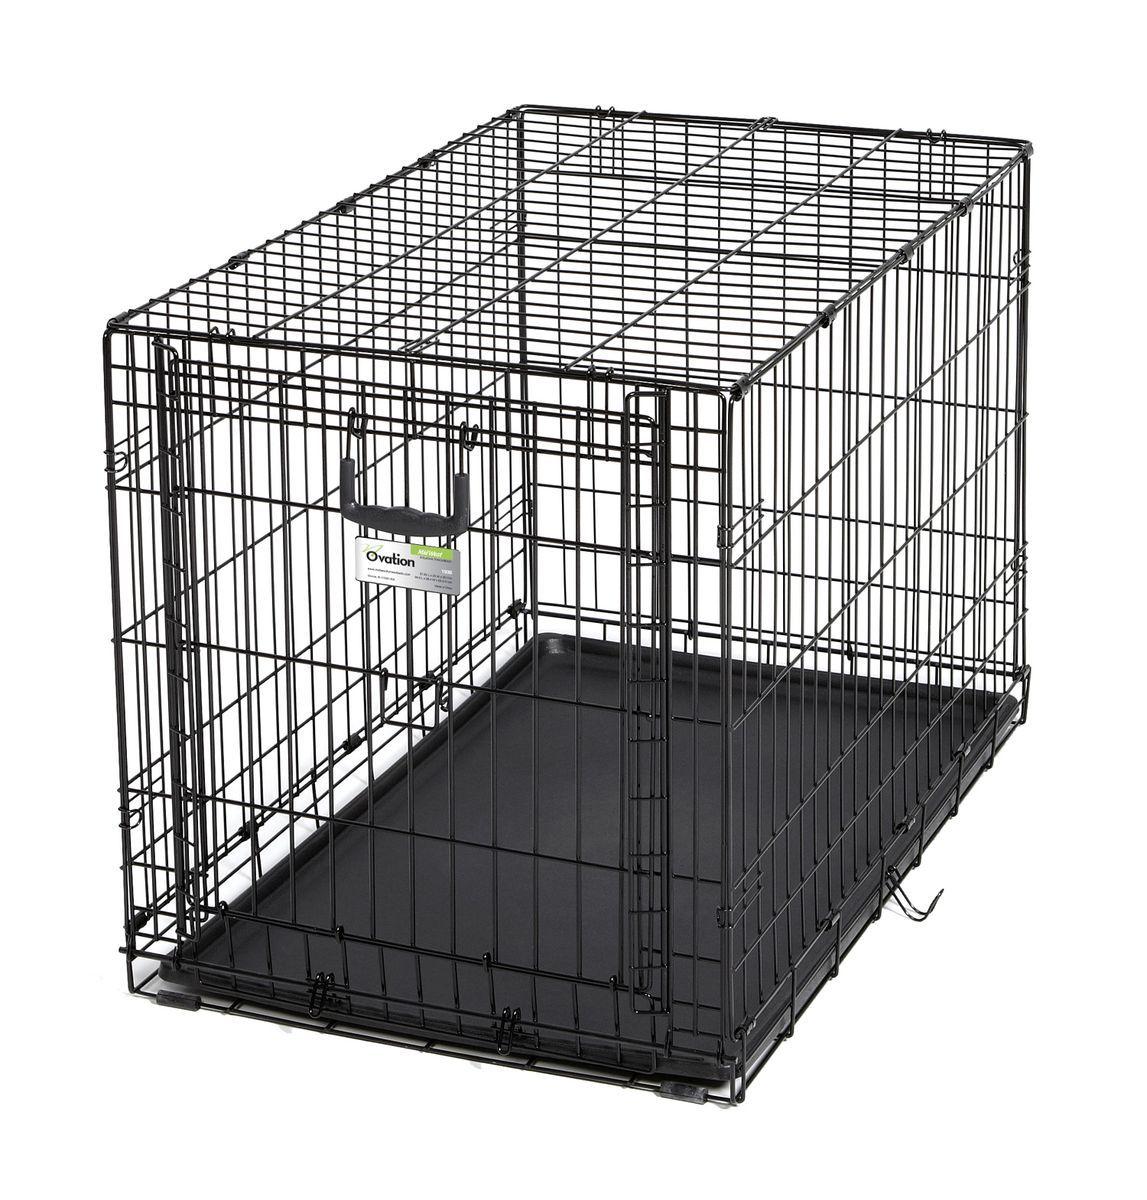 Клетка Midwest Ovation, 1 дверь рельсовая, 94,6 x 58,4 x 63,5 см0120710Клетка Midwest Ovation разработана специально для транспортировки средних и крупных собак. Закругленная угловая защита обеспечивает безопасность питомцам и людям. Клетка из нержавеющей стали оснащена: - одной рельсовой дверкой (открывается вверх); - безопасным двойным замком (задвижка закрывает и снаружи и внутри); - прочным пластиковым поддоном, который не повреждает поверхность, на которой размещается; - разделяющей панелью, обеспечивающей создание универсальных отсеков; - качественными ручками для переноски питомца.Размер клетки (ДхШхВ): 94,6 x 58,4 x 63,5 см. Вес конструкции: 10,8 кг.Товар сертифицирован.